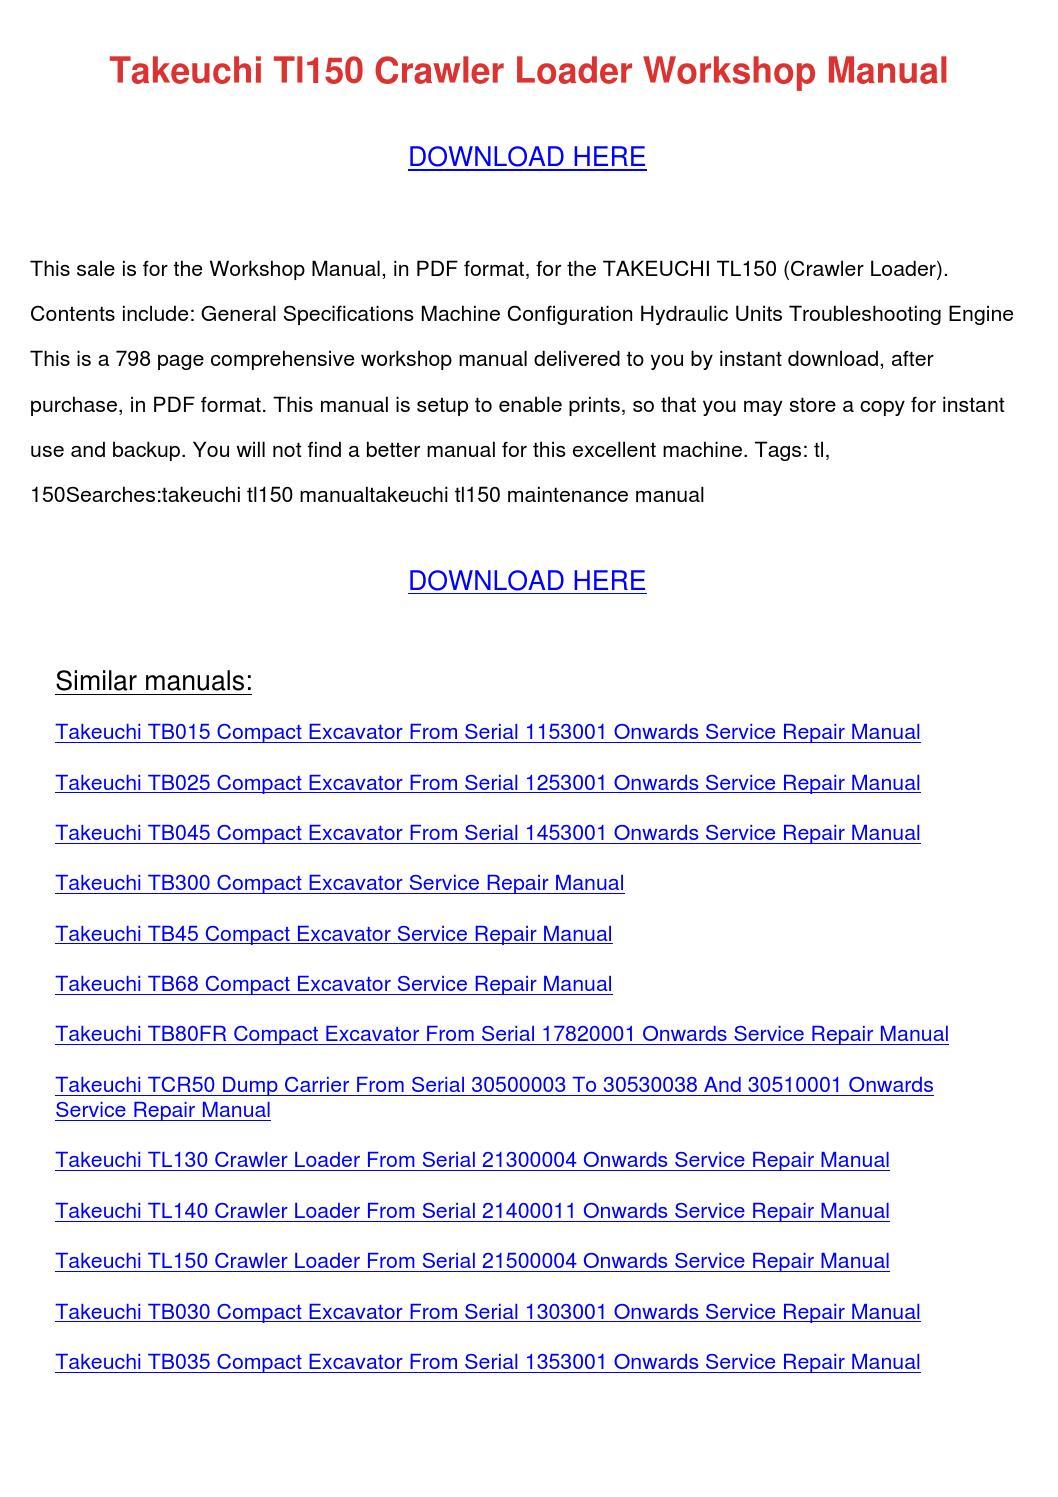 Takeuchi Tl150 service manual pdf key